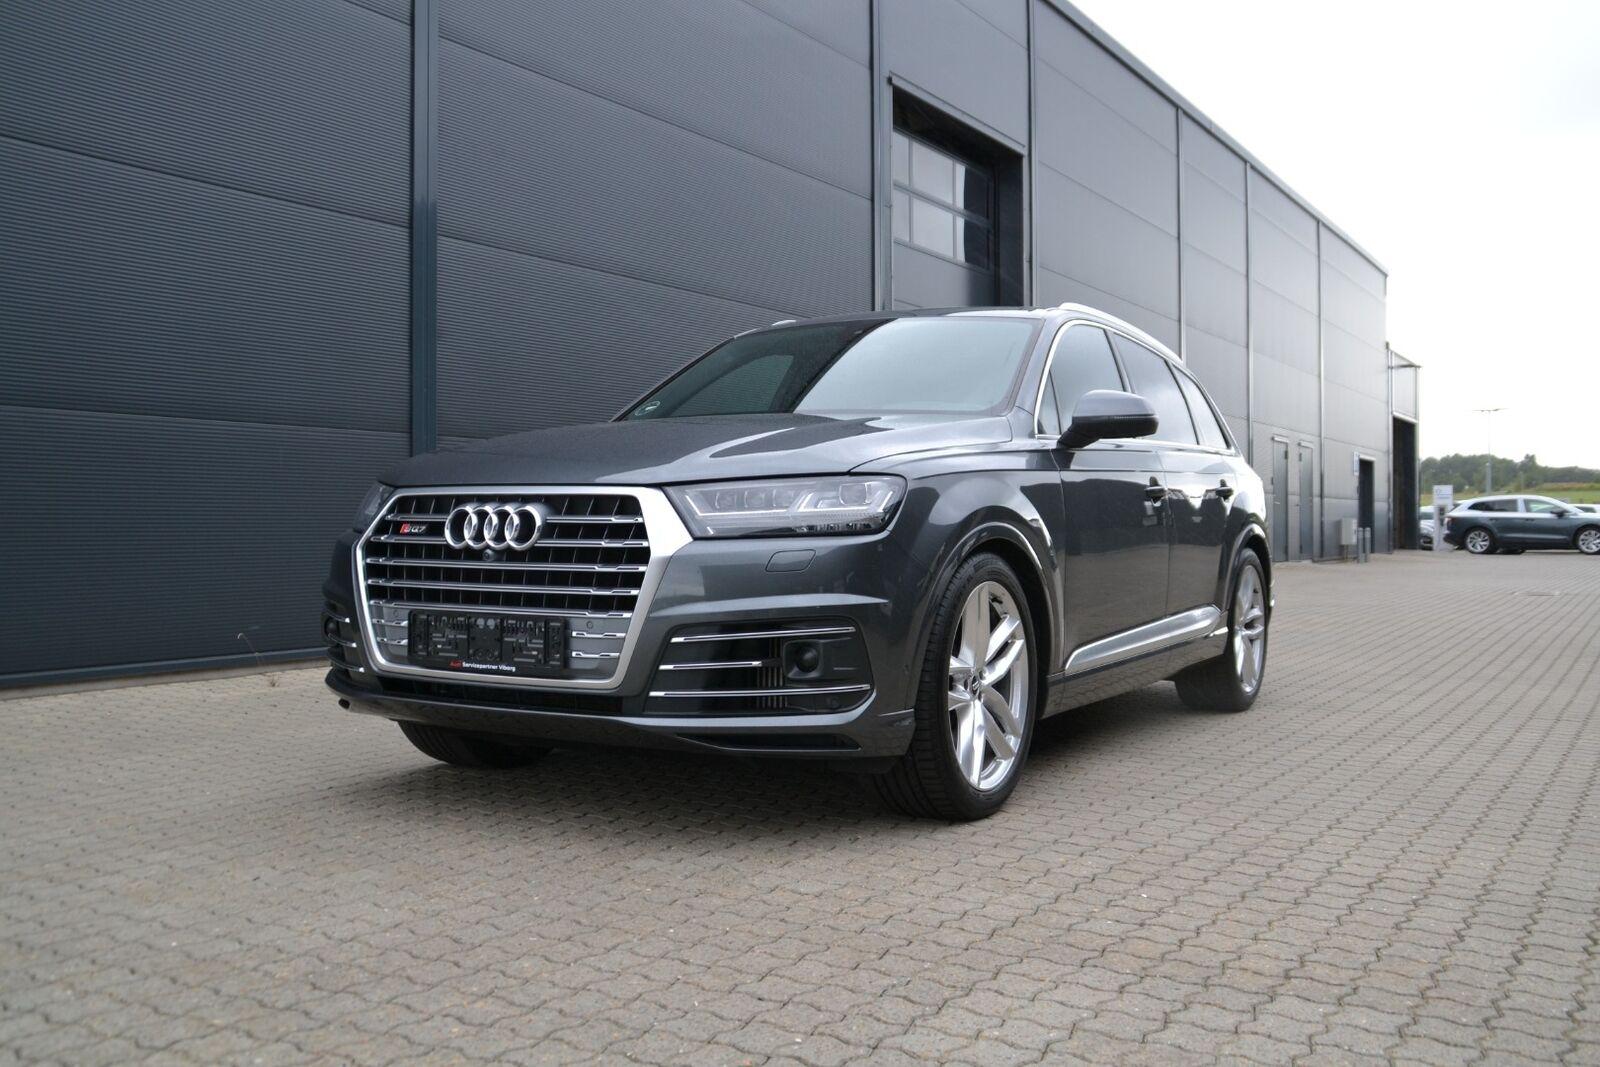 Audi SQ7 4,0 TDi quattro Tiptr. 5d - 999.900 kr.